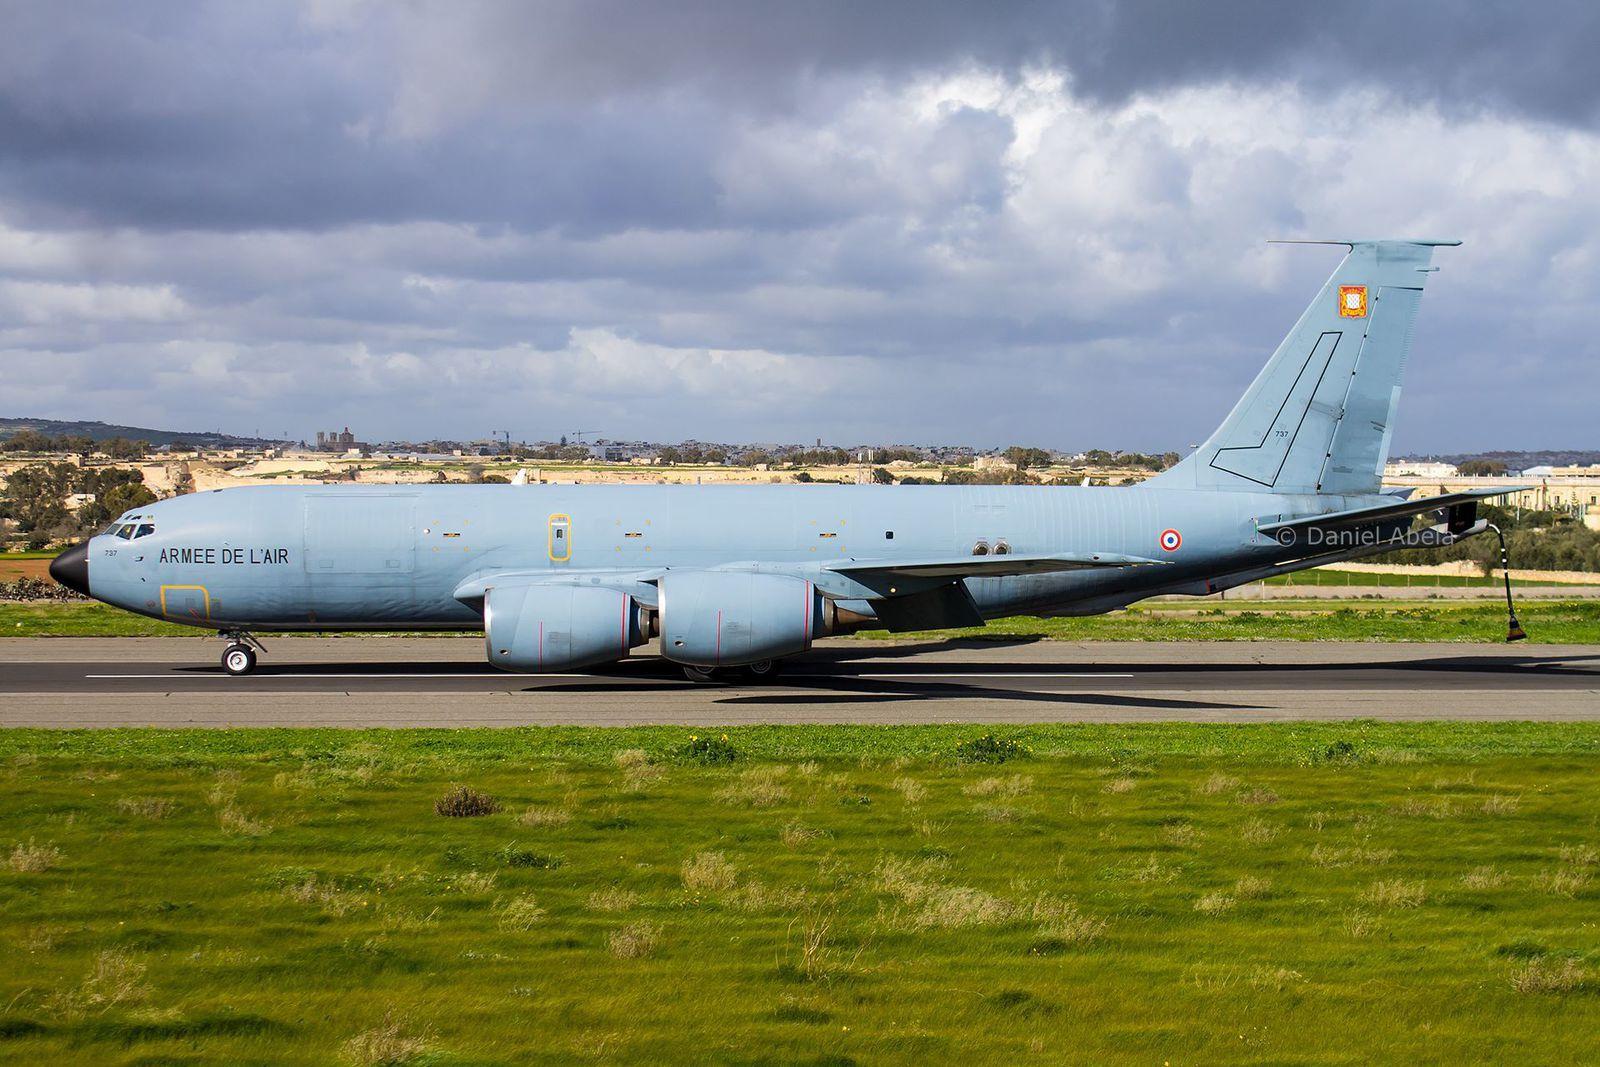 © Daniel Abela - Le C-135FR en rade à Malte, après une mission de ravitaillement en vol au profit de Rafale.